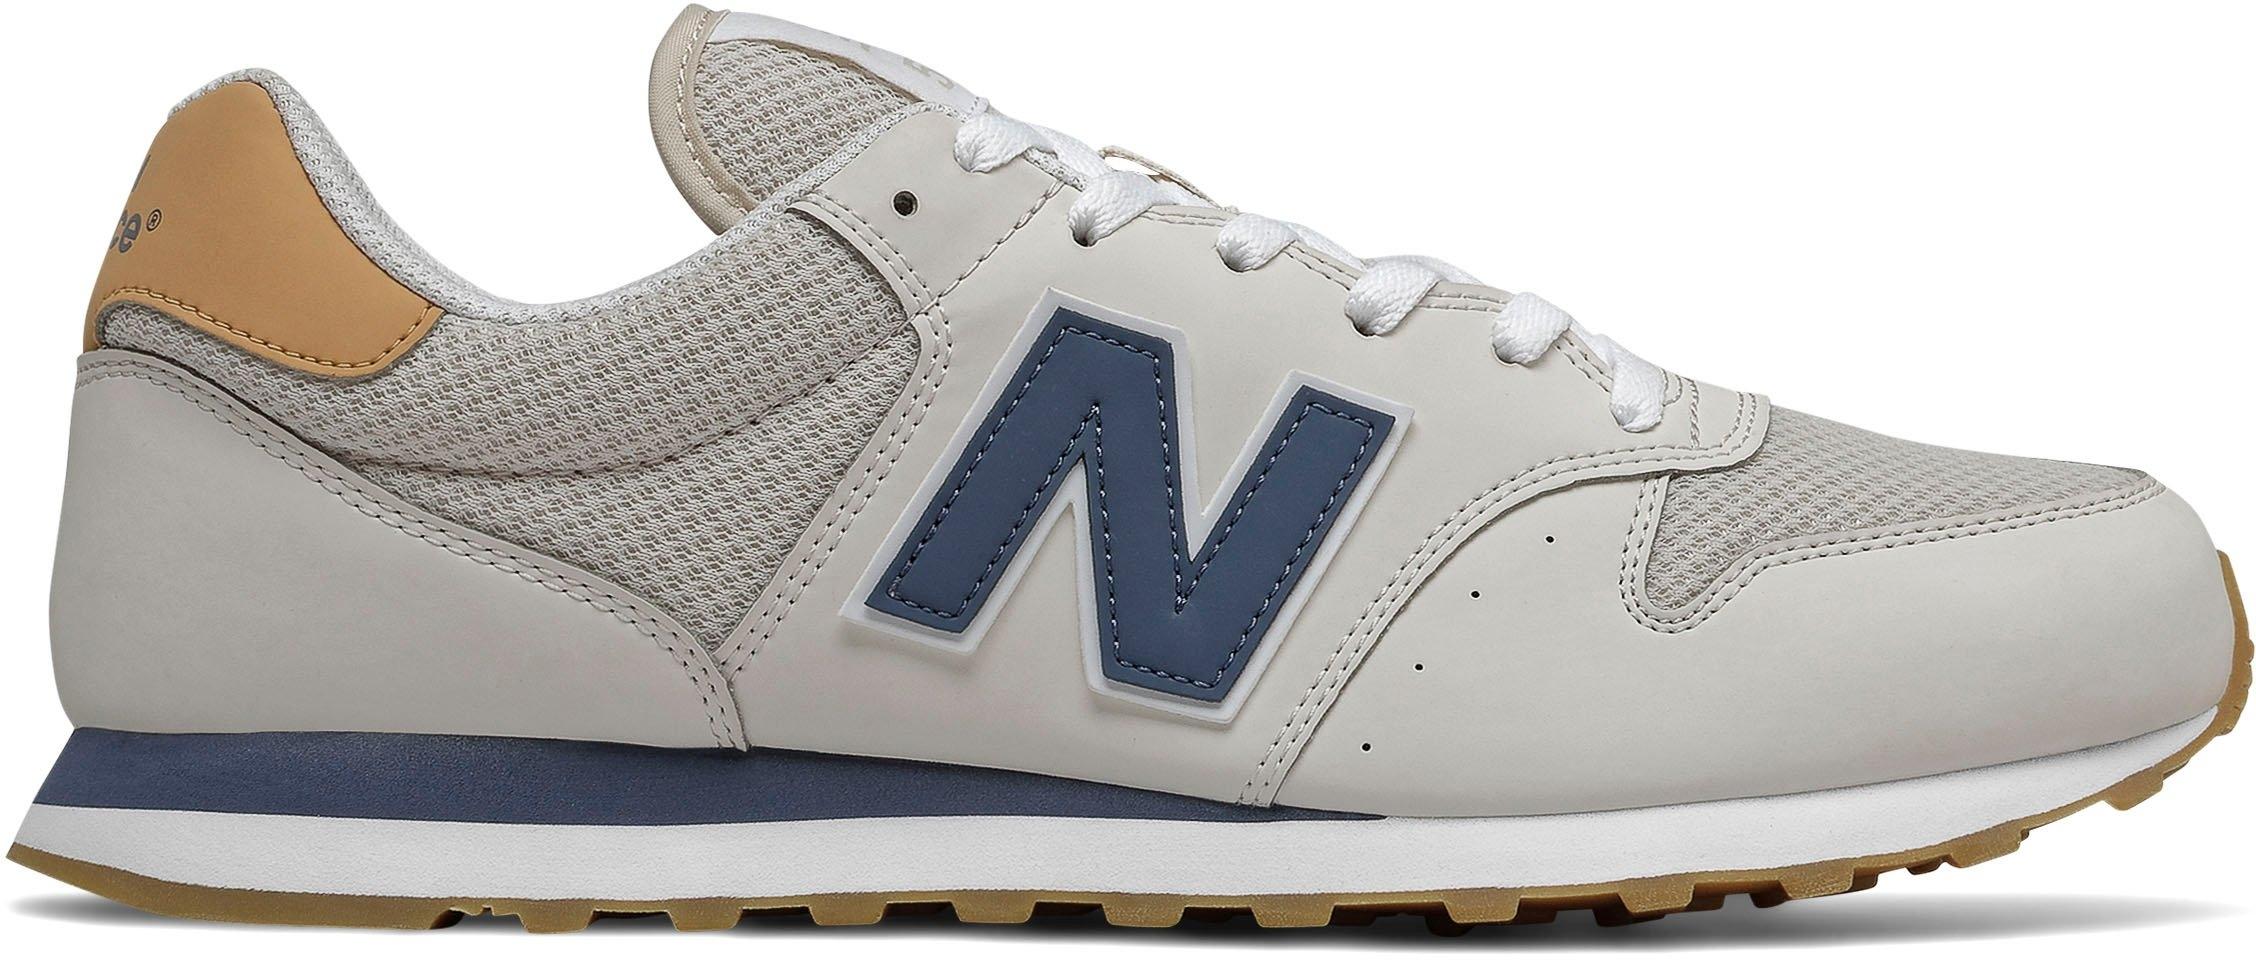 New Balance sneakers GM500 - gratis ruilen op otto.nl